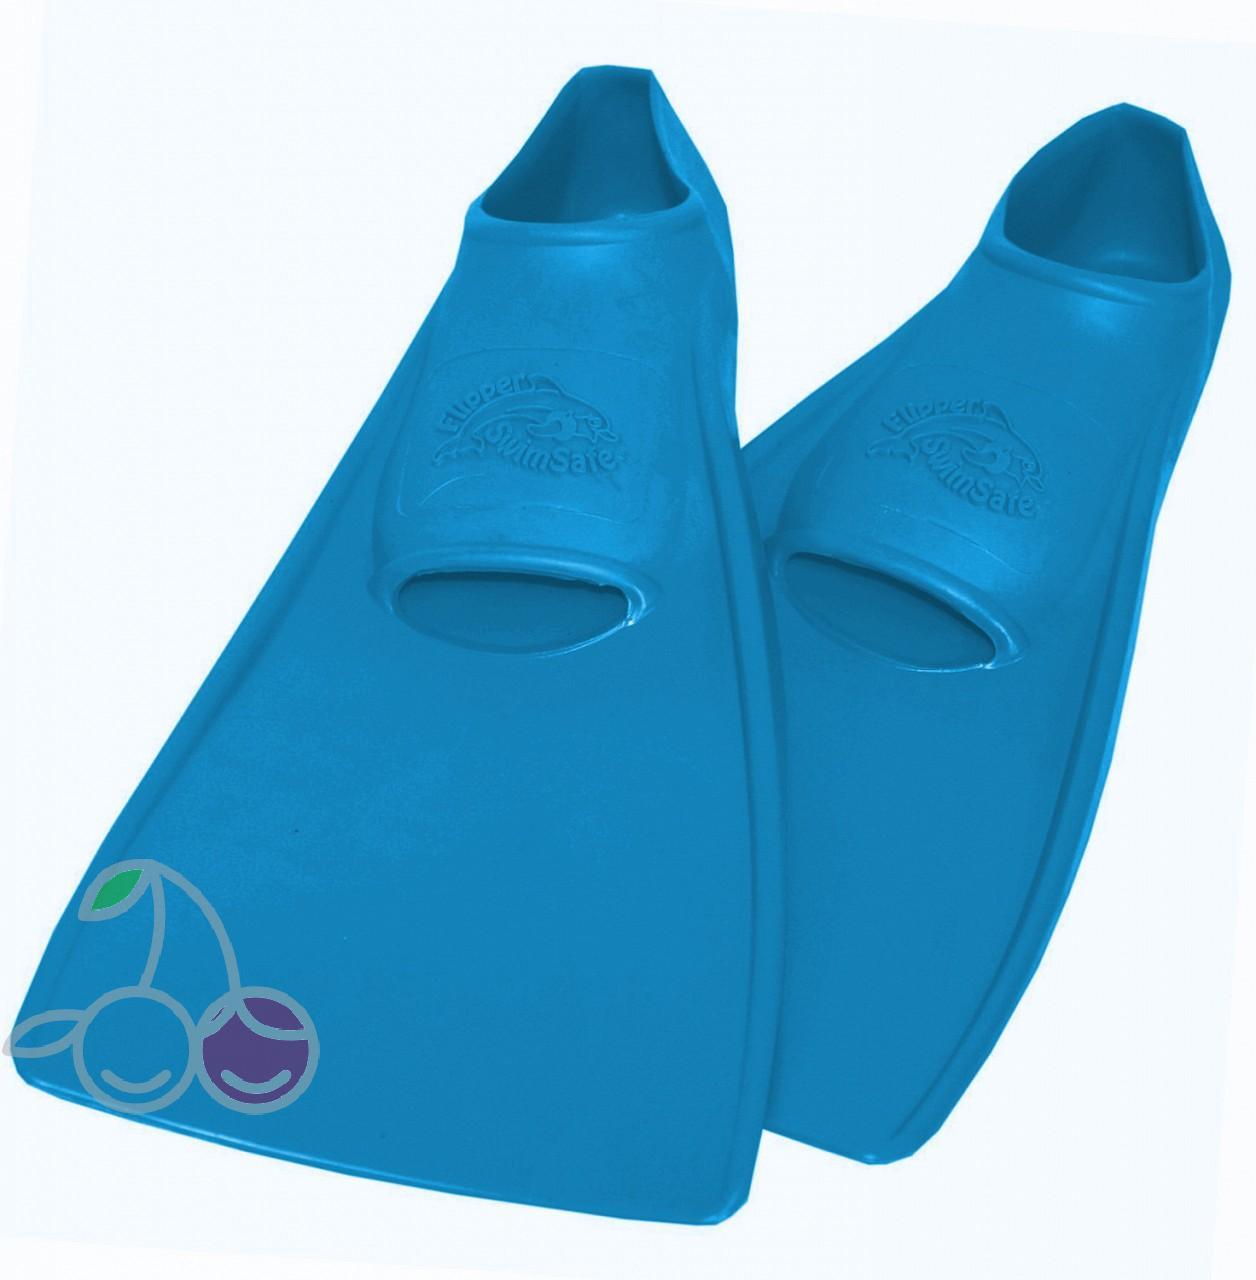 Ласты для бассейна резиновые детские размеры 29-30 синие ПРОПЕРКЭРРИ (ProperCarry), - фото 1